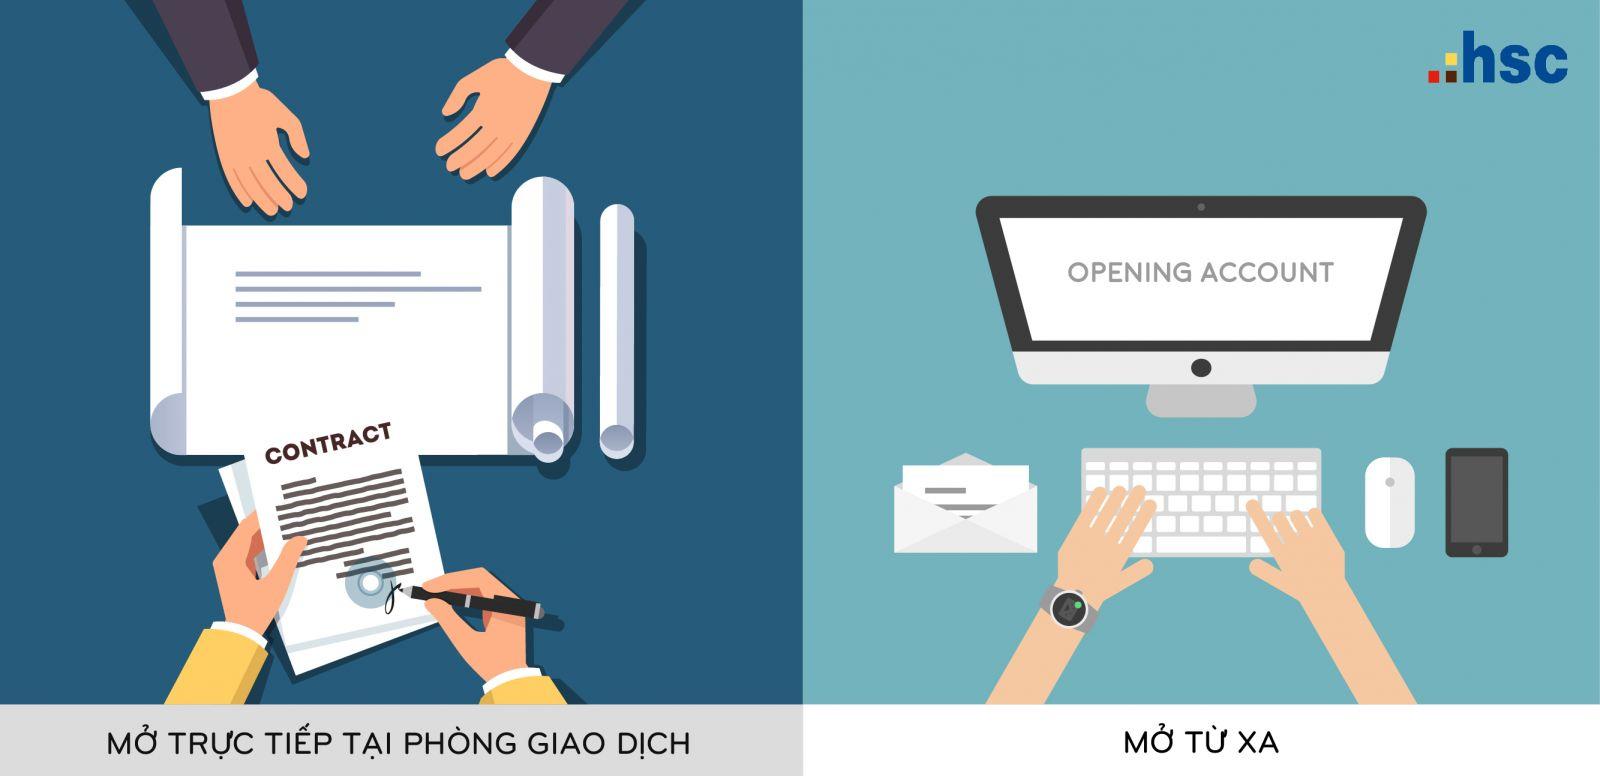 Hướng dẫn thủ tục mở tài khoản chứng khoán tại HSC. Ảnh: Nhật Cường